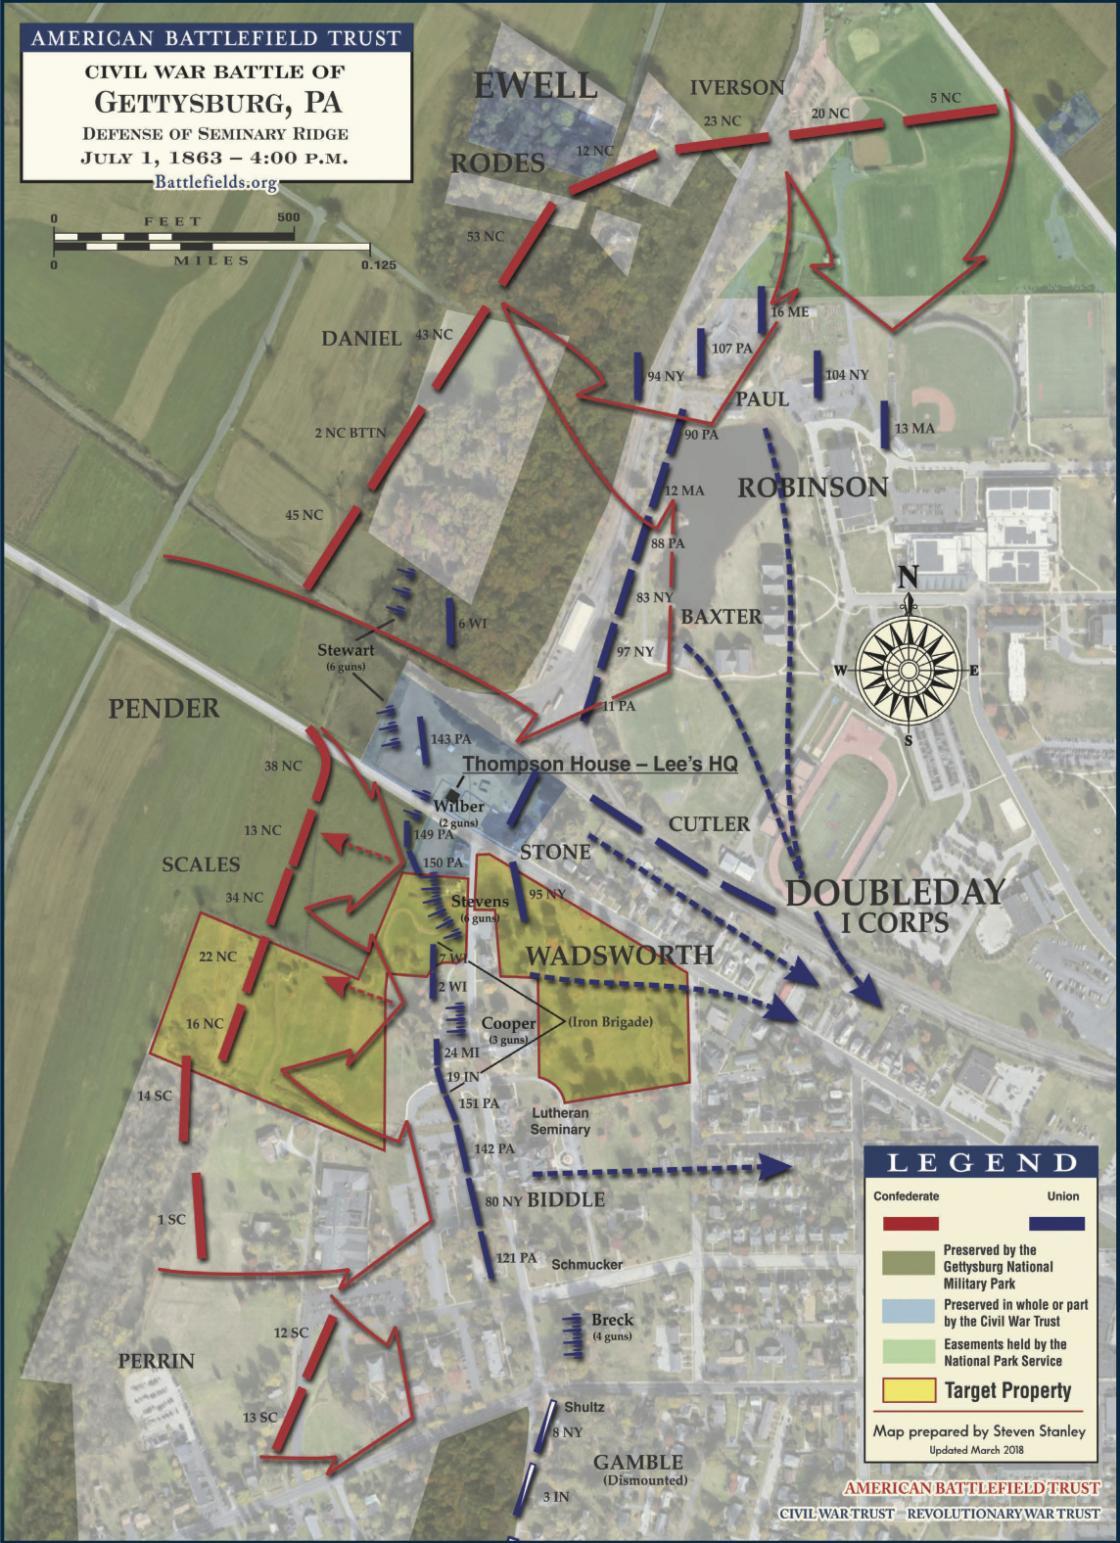 Gettysburg - Defense of Seminary Ridge, July 1, 1863 - 4:00 pm Satellite (May 2018)